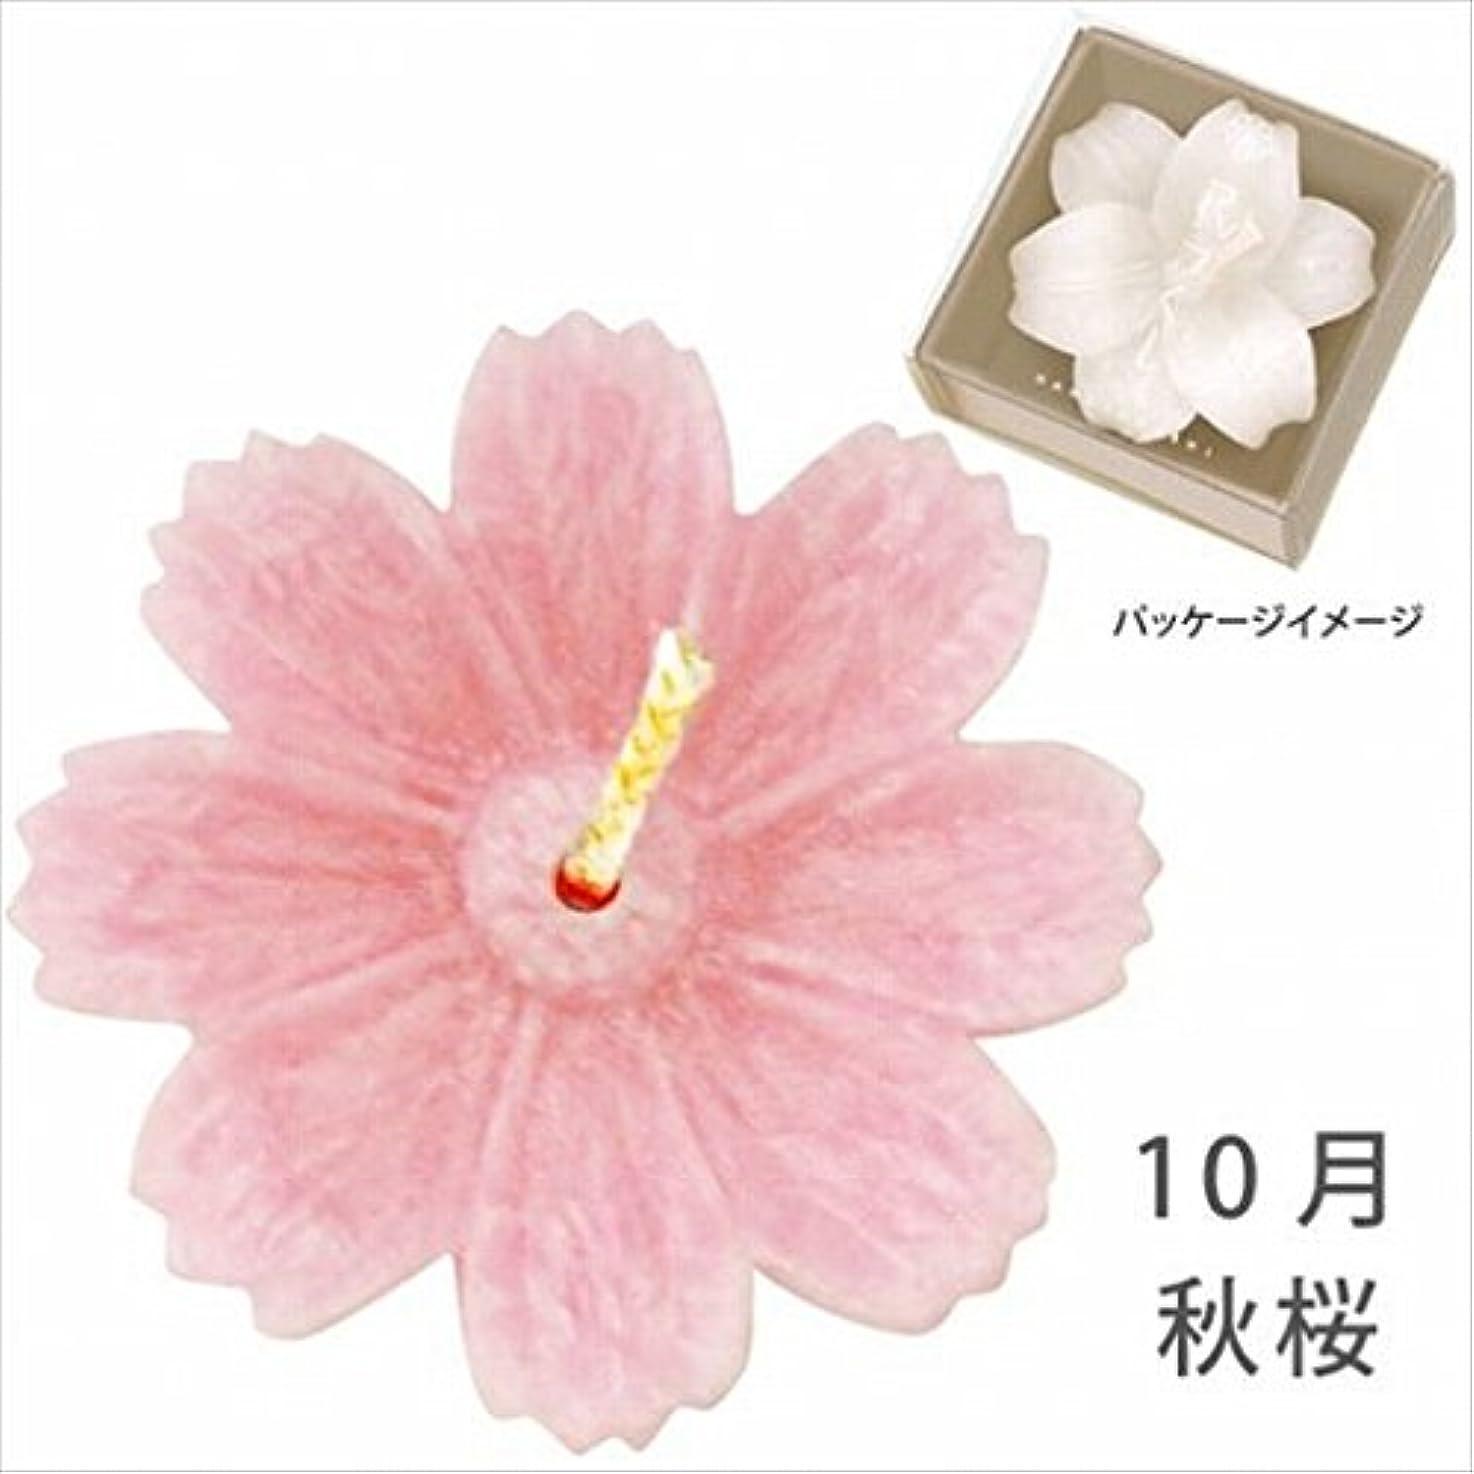 父方の安息説得力のあるカメヤマキャンドル(kameyama candle) 花づくし(植物性) 秋桜 「 秋桜(10月) 」 キャンドル